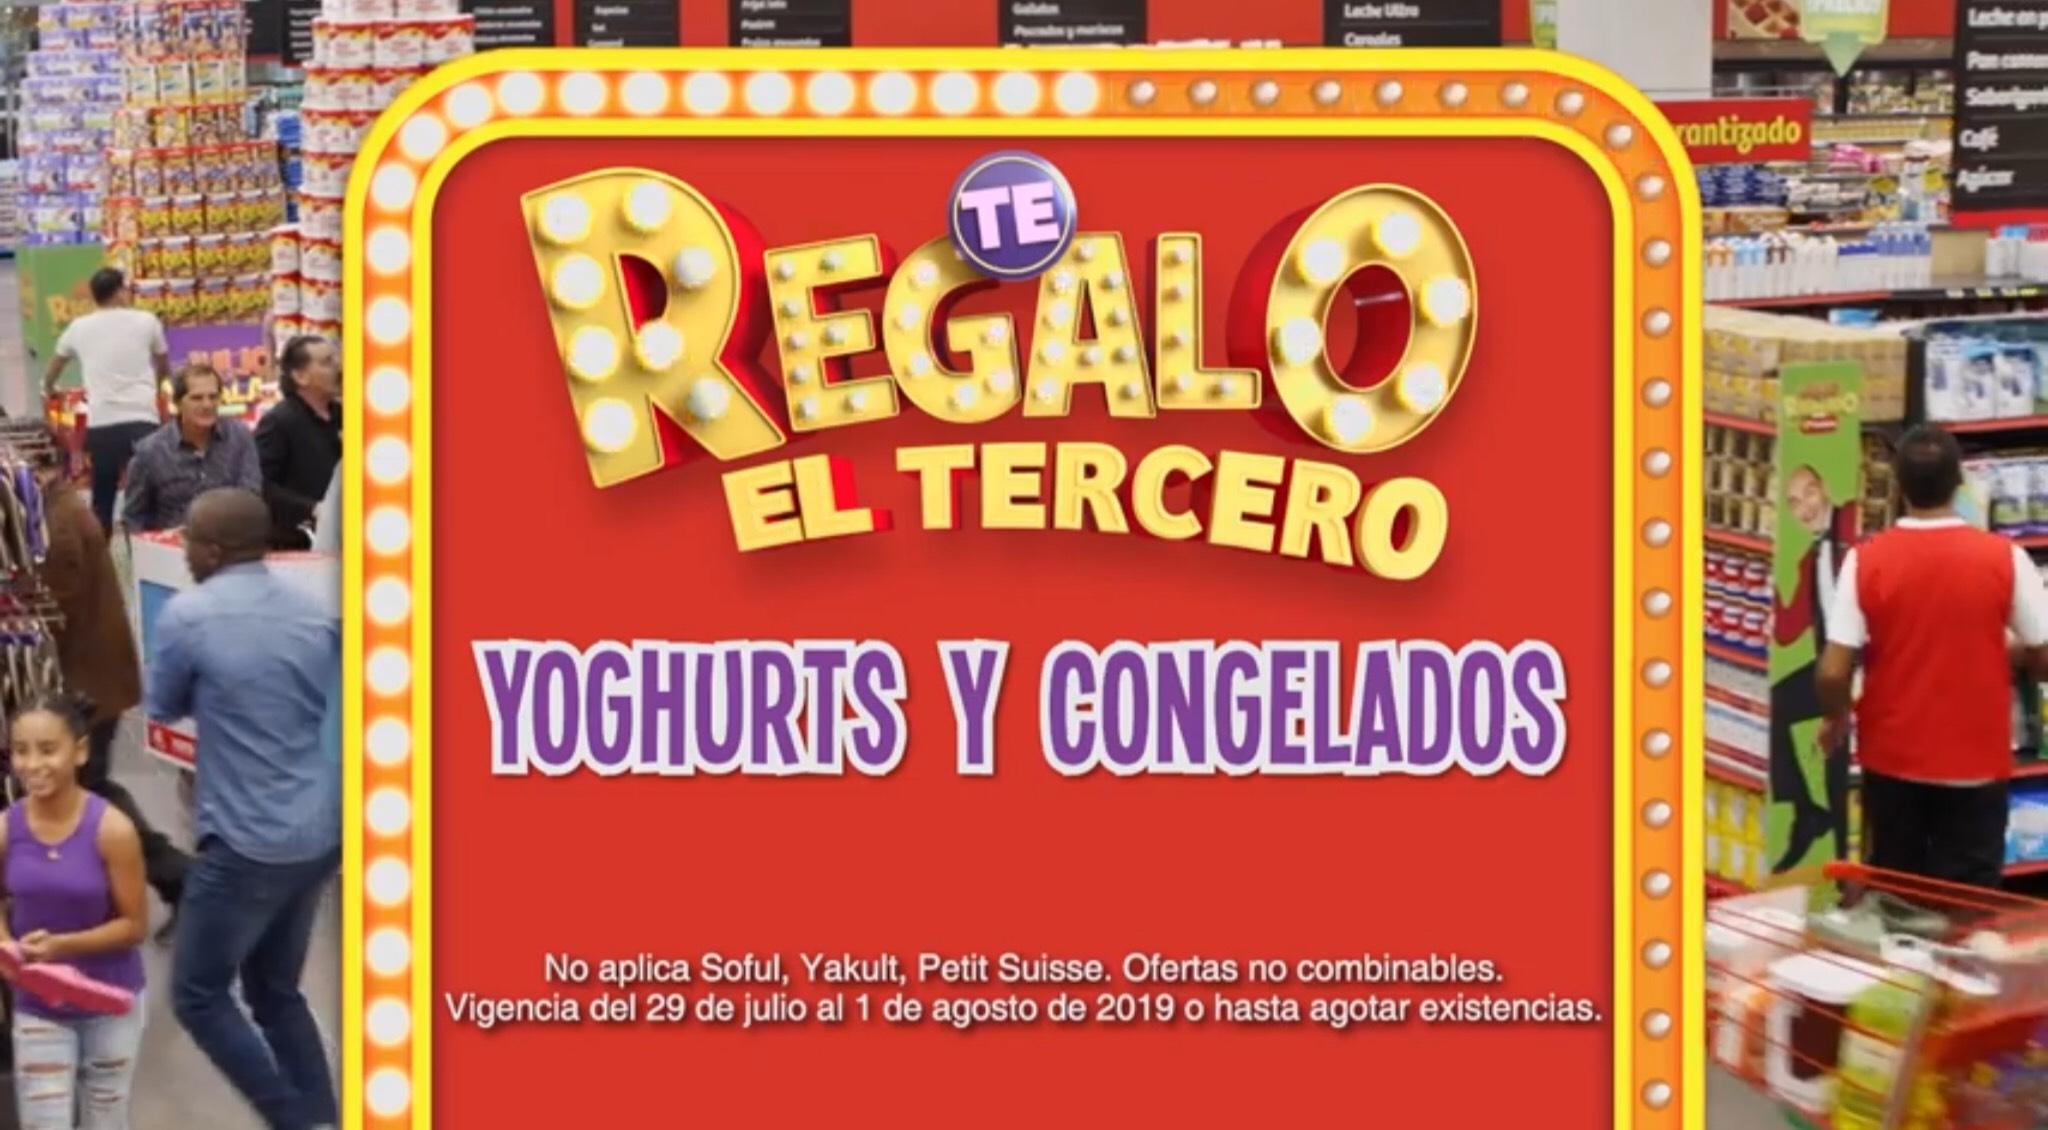 Julio Regalado 2019 en Soriana: Yoghurt y Congelados